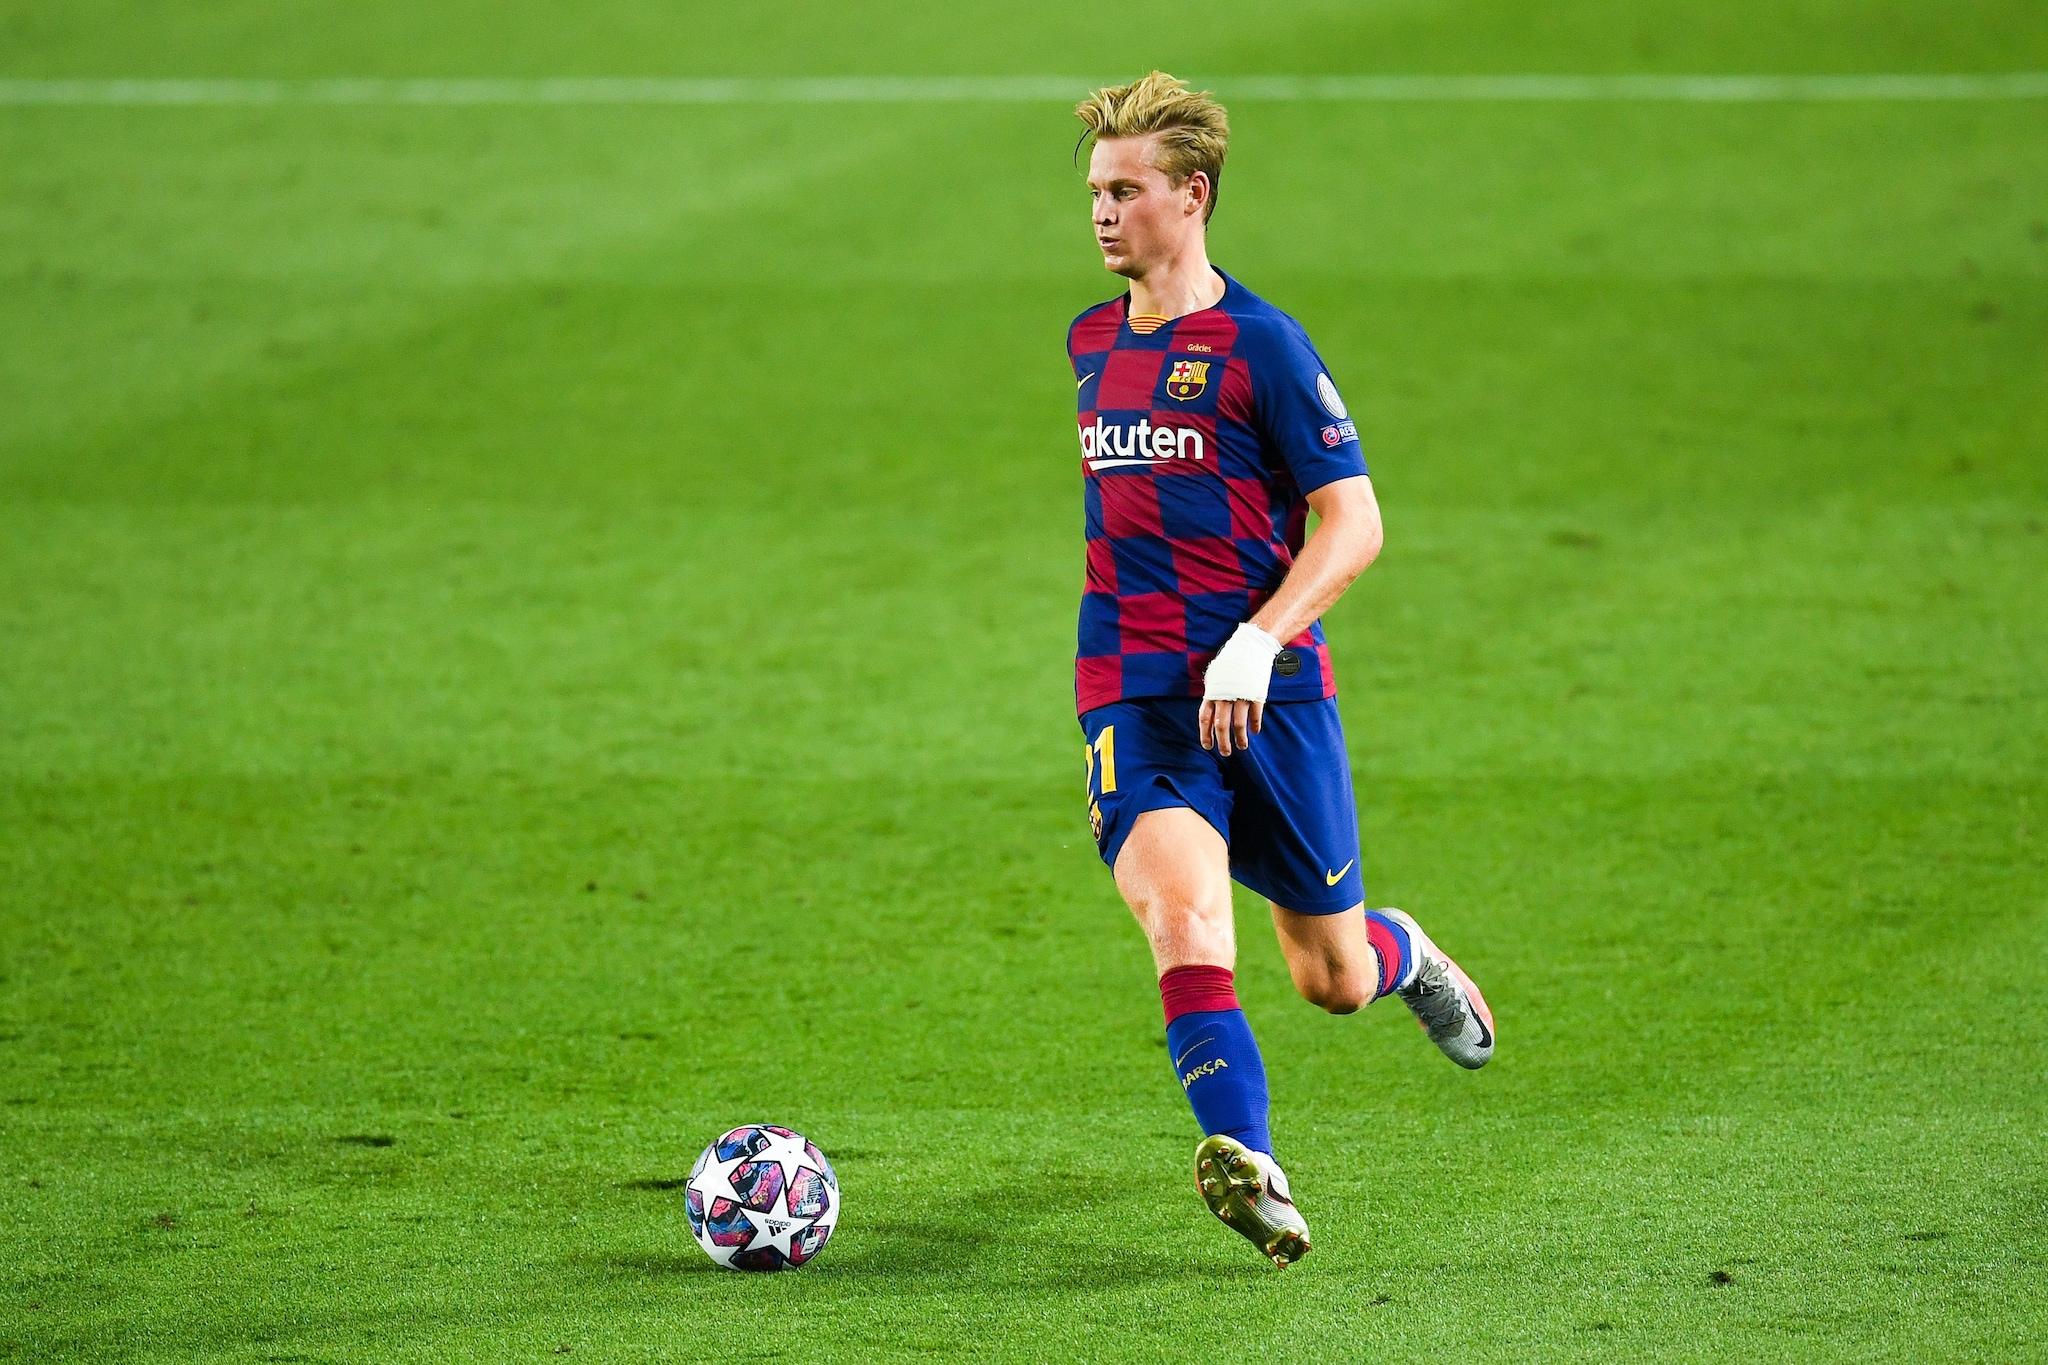 Barcellona, de Jong e la mano fasciata: il giocatore in campo dopo ...